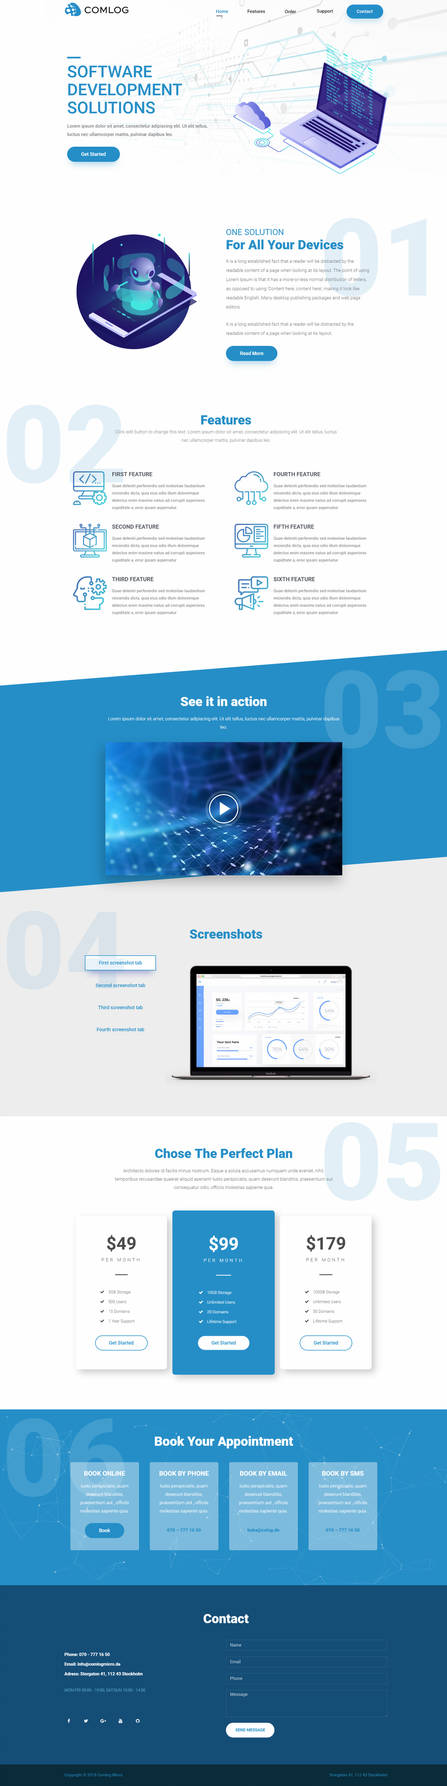 Homepage-comlog by daarster